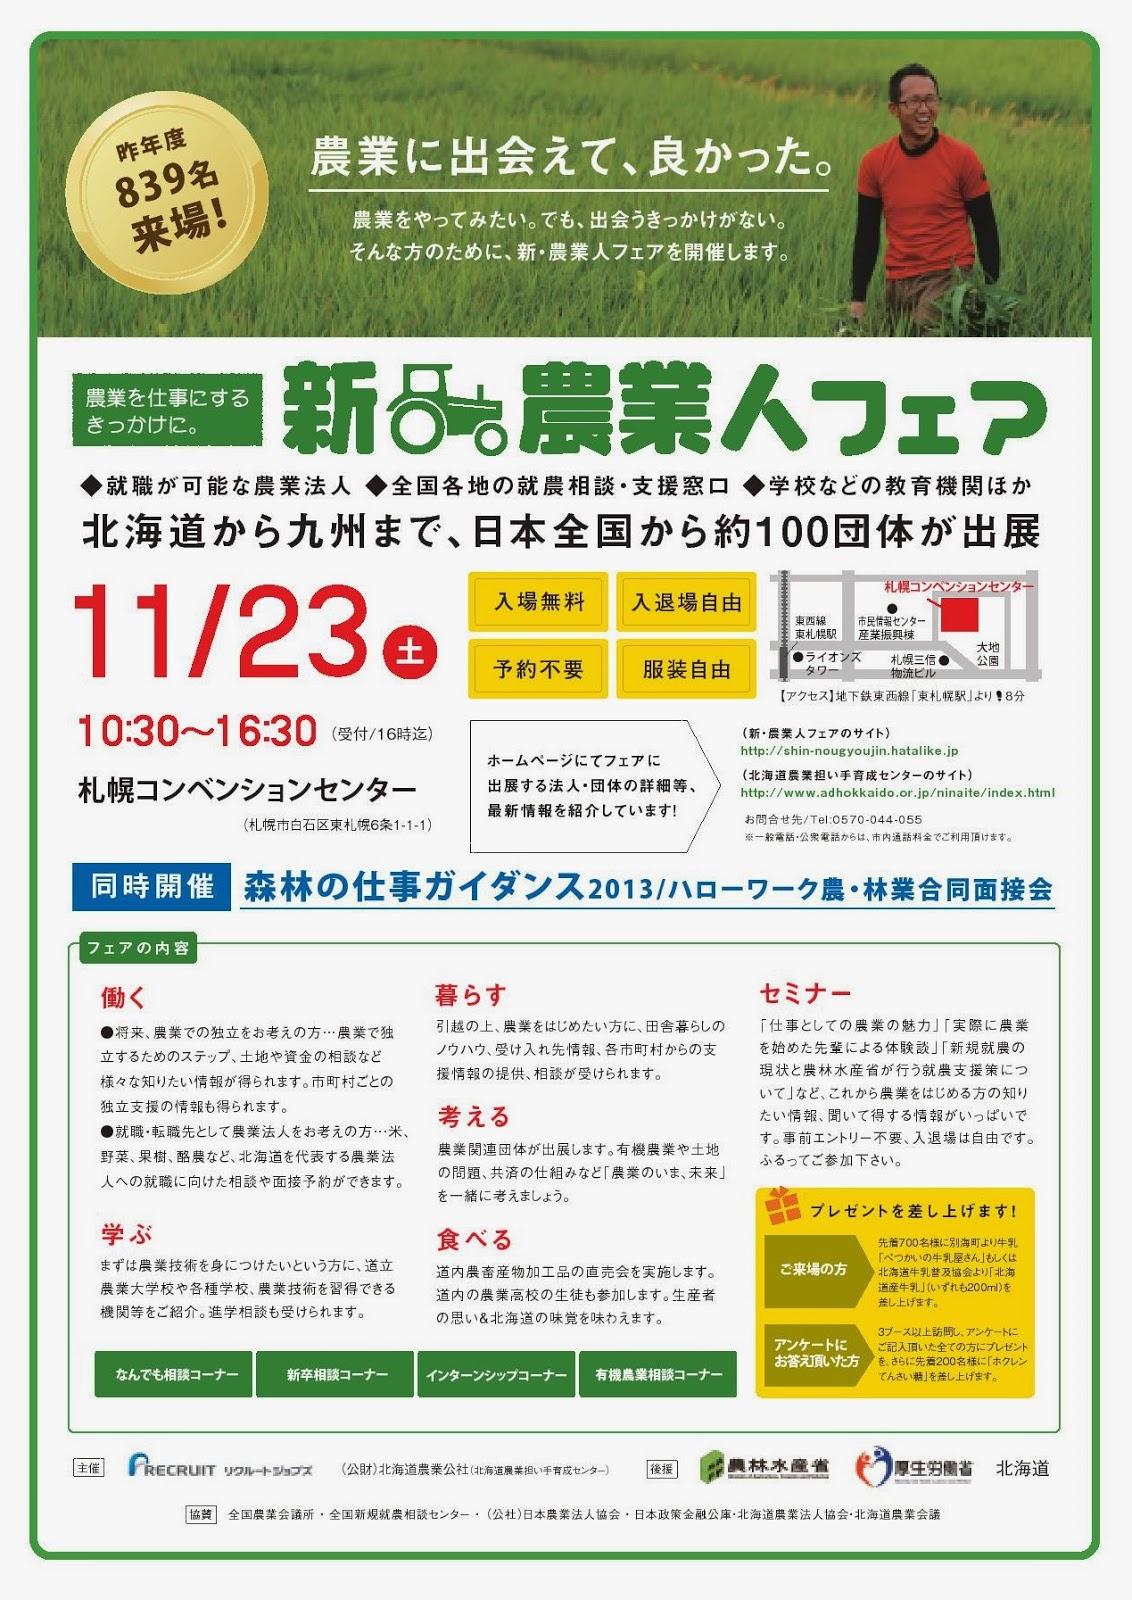 札幌で開催される「新・農業人フェア」に出展します